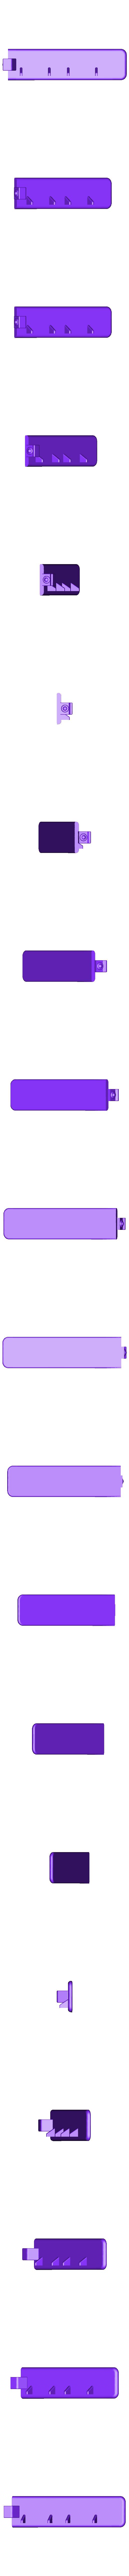 Back_Fender_Right.stl Télécharger fichier 3MF gratuit LIMACE MÉTALLIQUE - NOP-03 SARUBIE • Plan imprimable en 3D, FreeBug